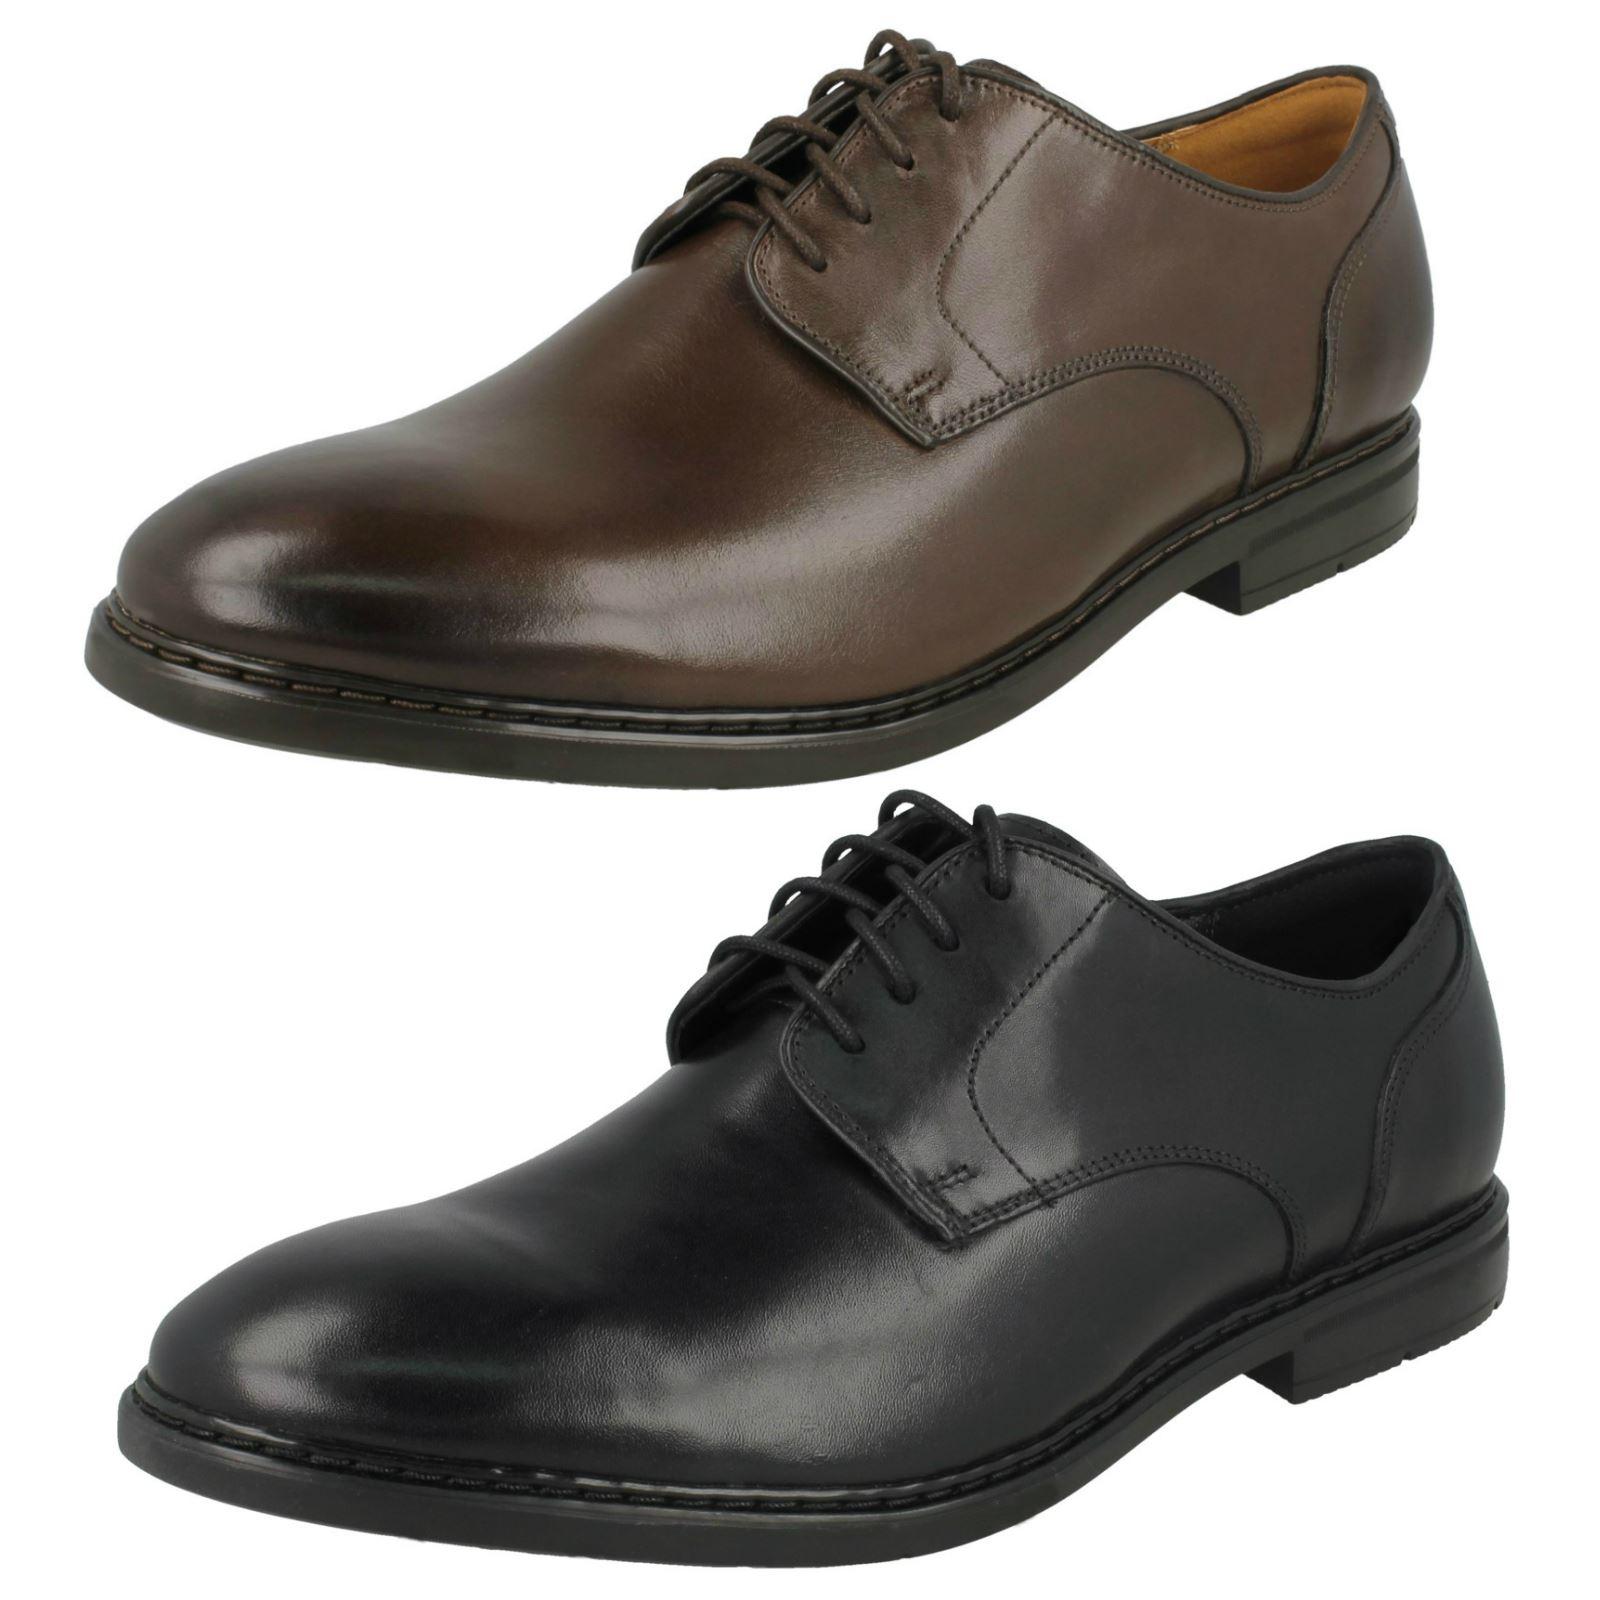 Zapatos y complementos Zapatos para hombre Clarks Banbury